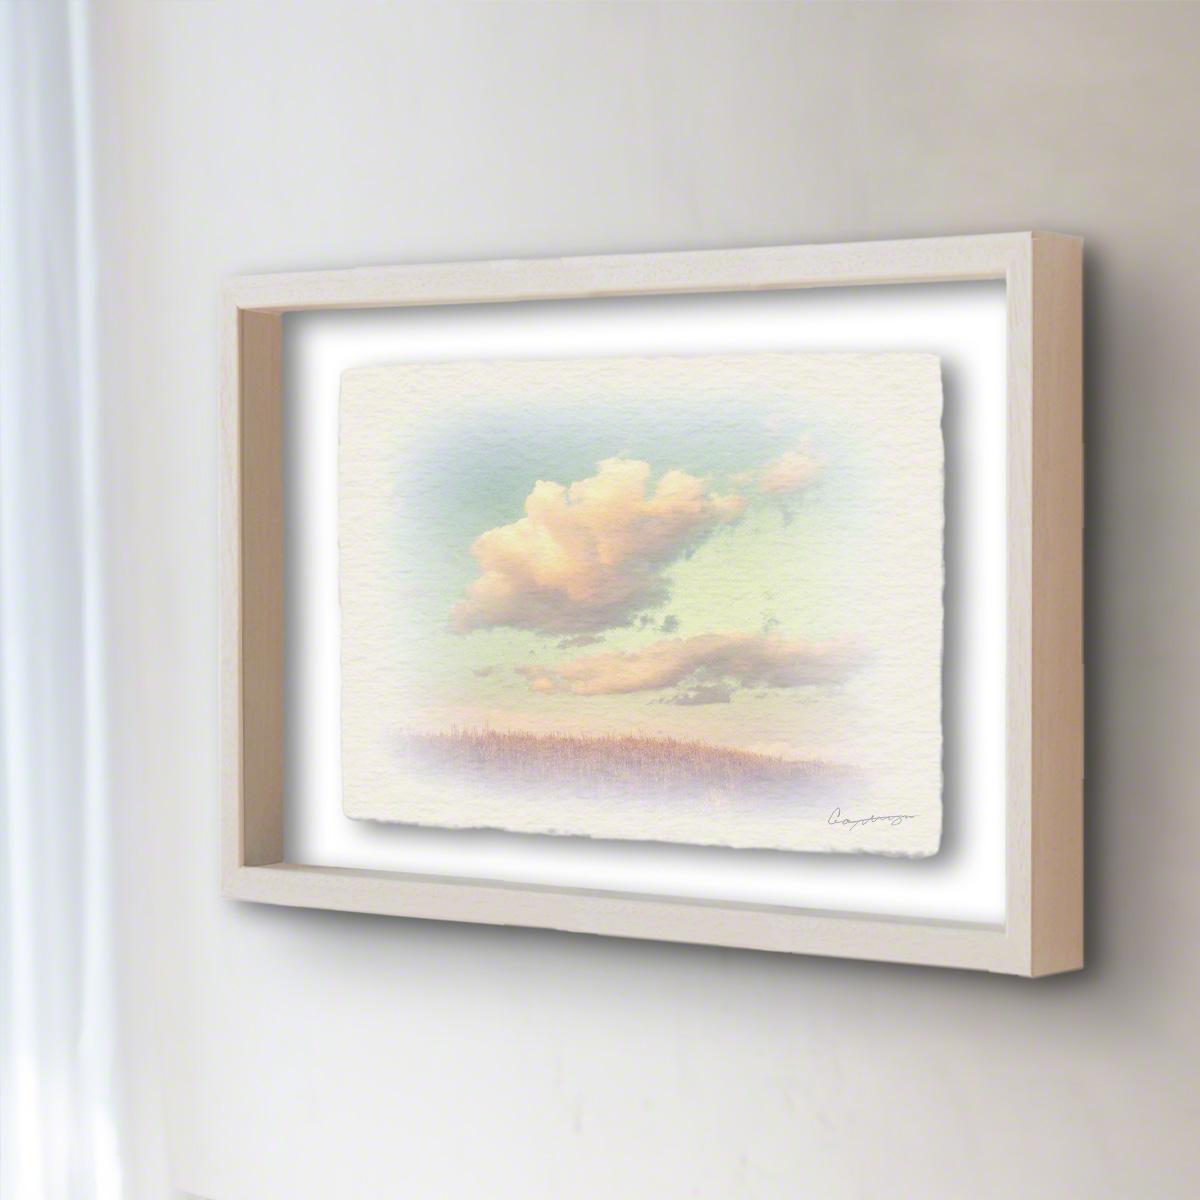 和紙 手作り アートフレーム 「葺原に浮かぶ夕暮れ雲」(32x26cm) 絵画 絵 ポスター 壁掛け モダン アート 和風 オリジナル インテリア 風景画 ランキング おすすめ おしゃれ 人気 キッチン リビング ダイニング 玄関 和室